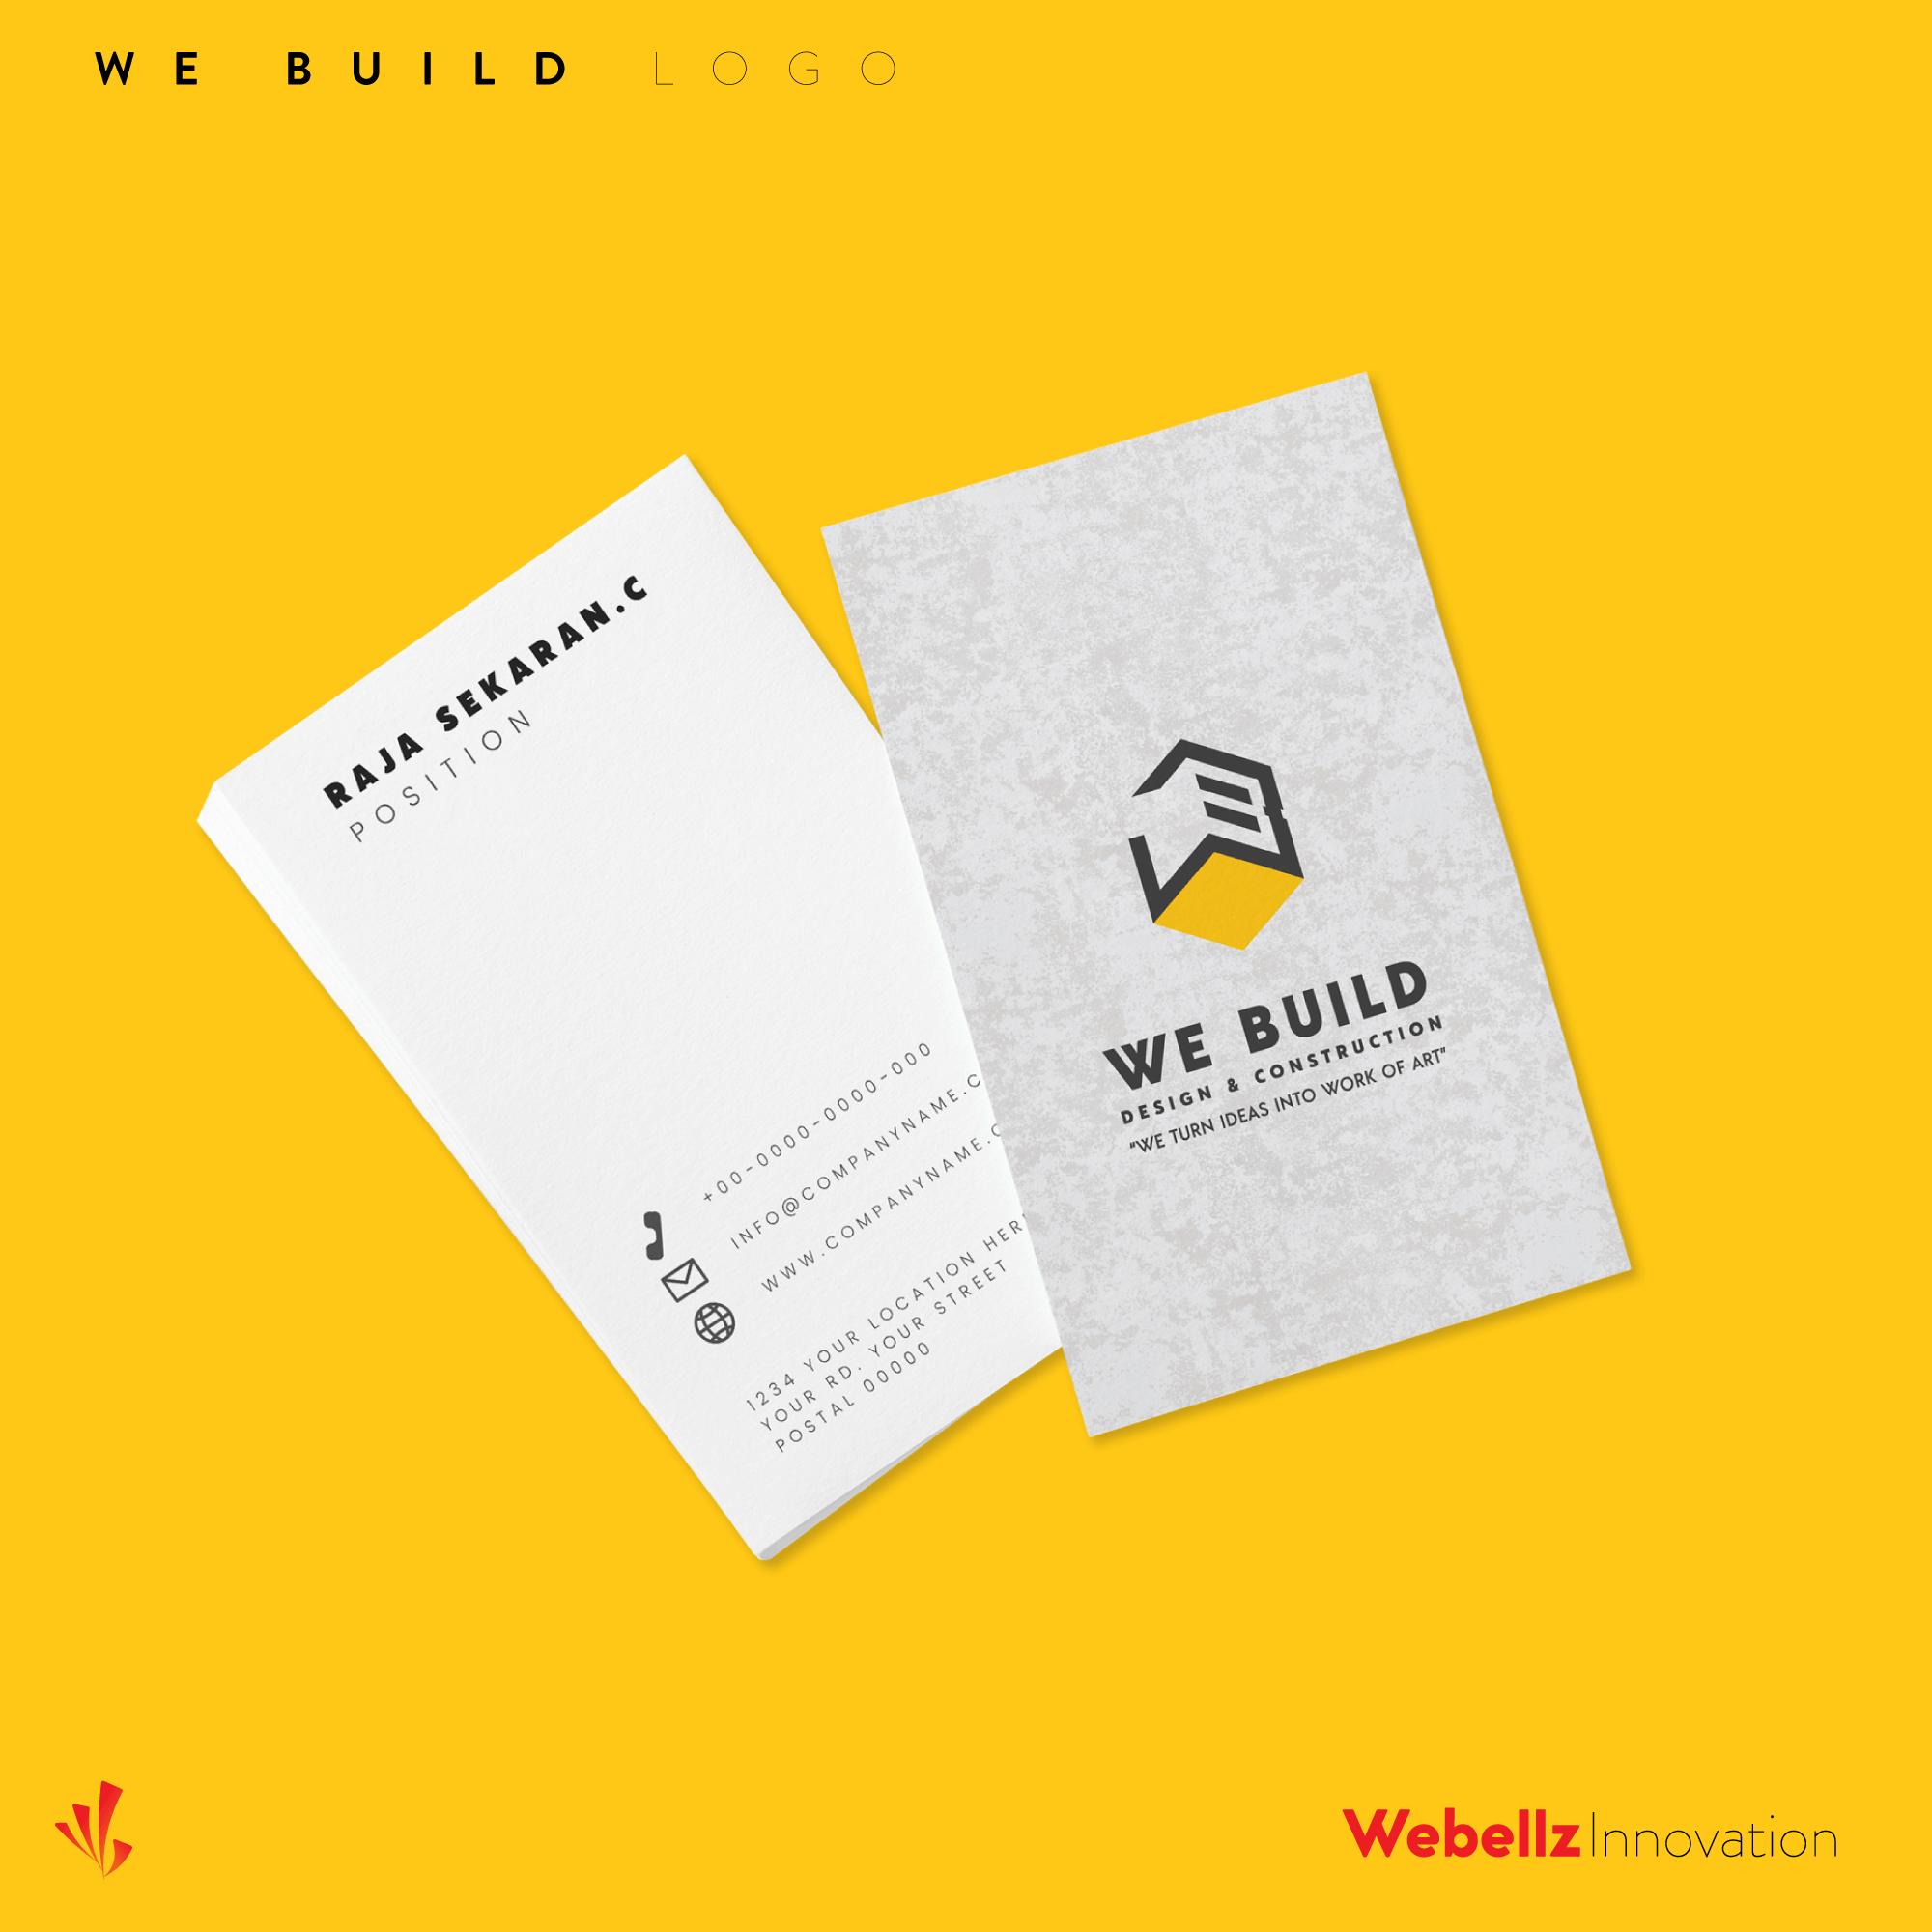 WeBuild Insta 002 2 | Logo designer in Coimbatore